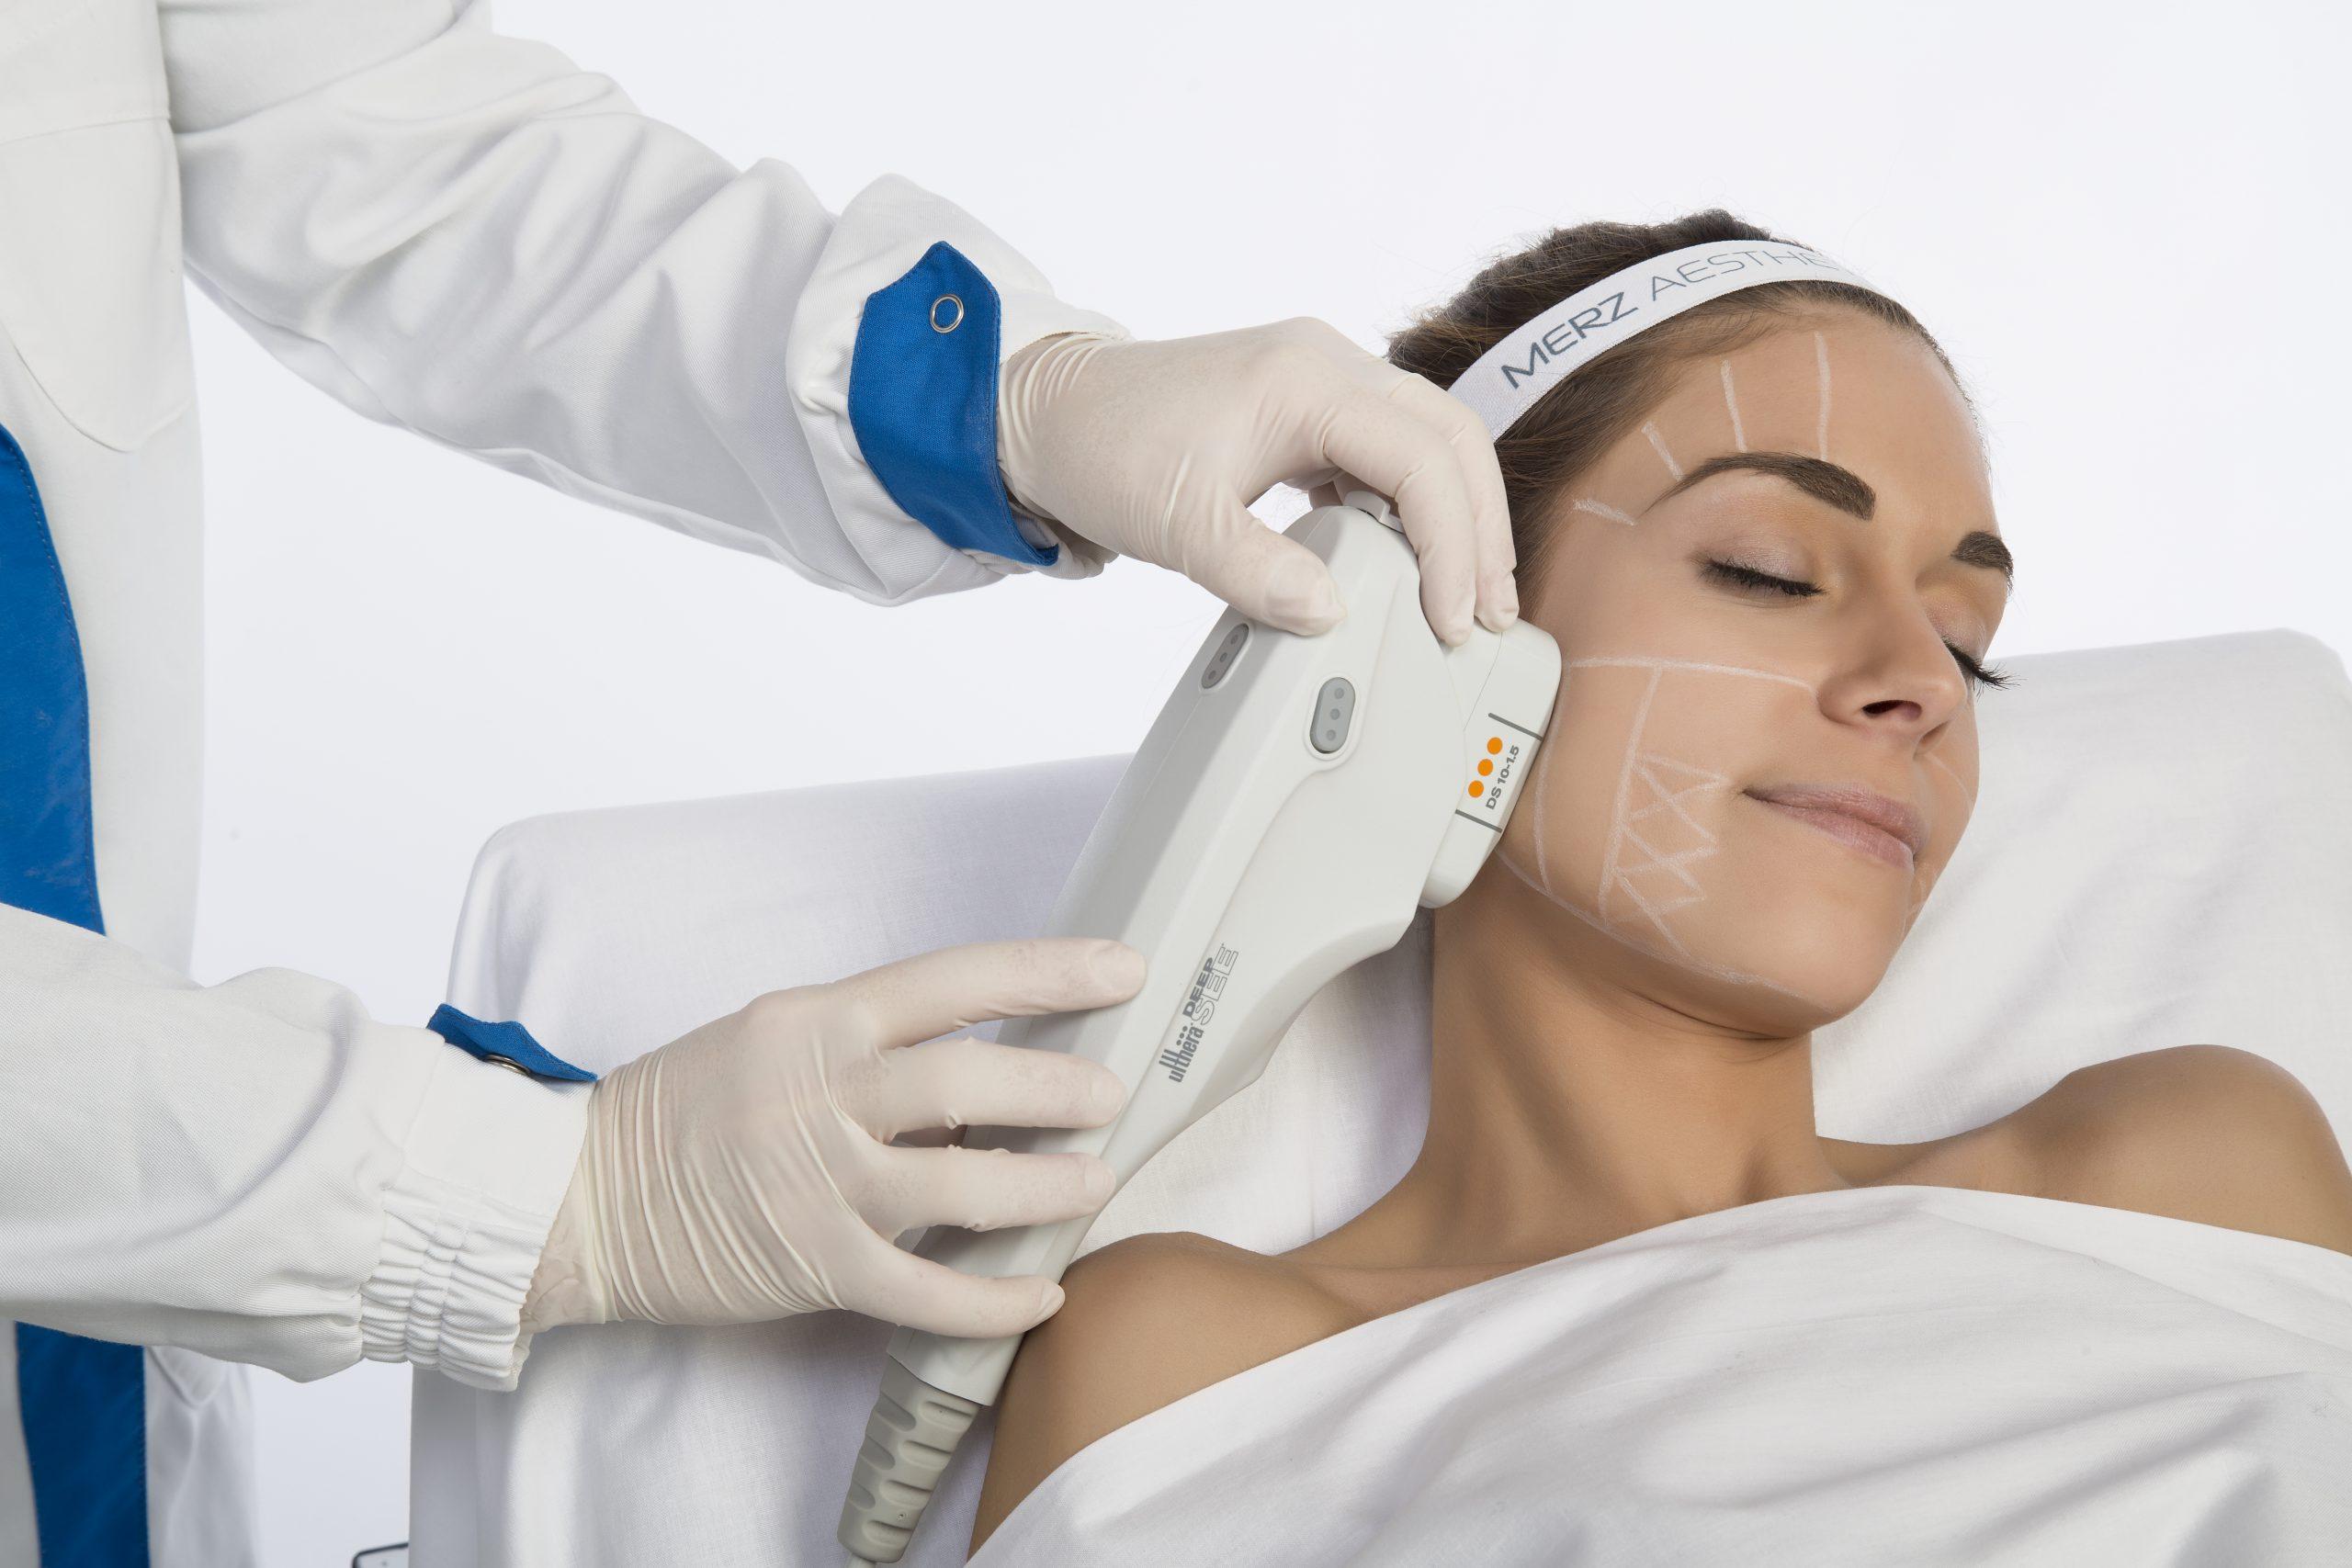 Ultherapy trattamento